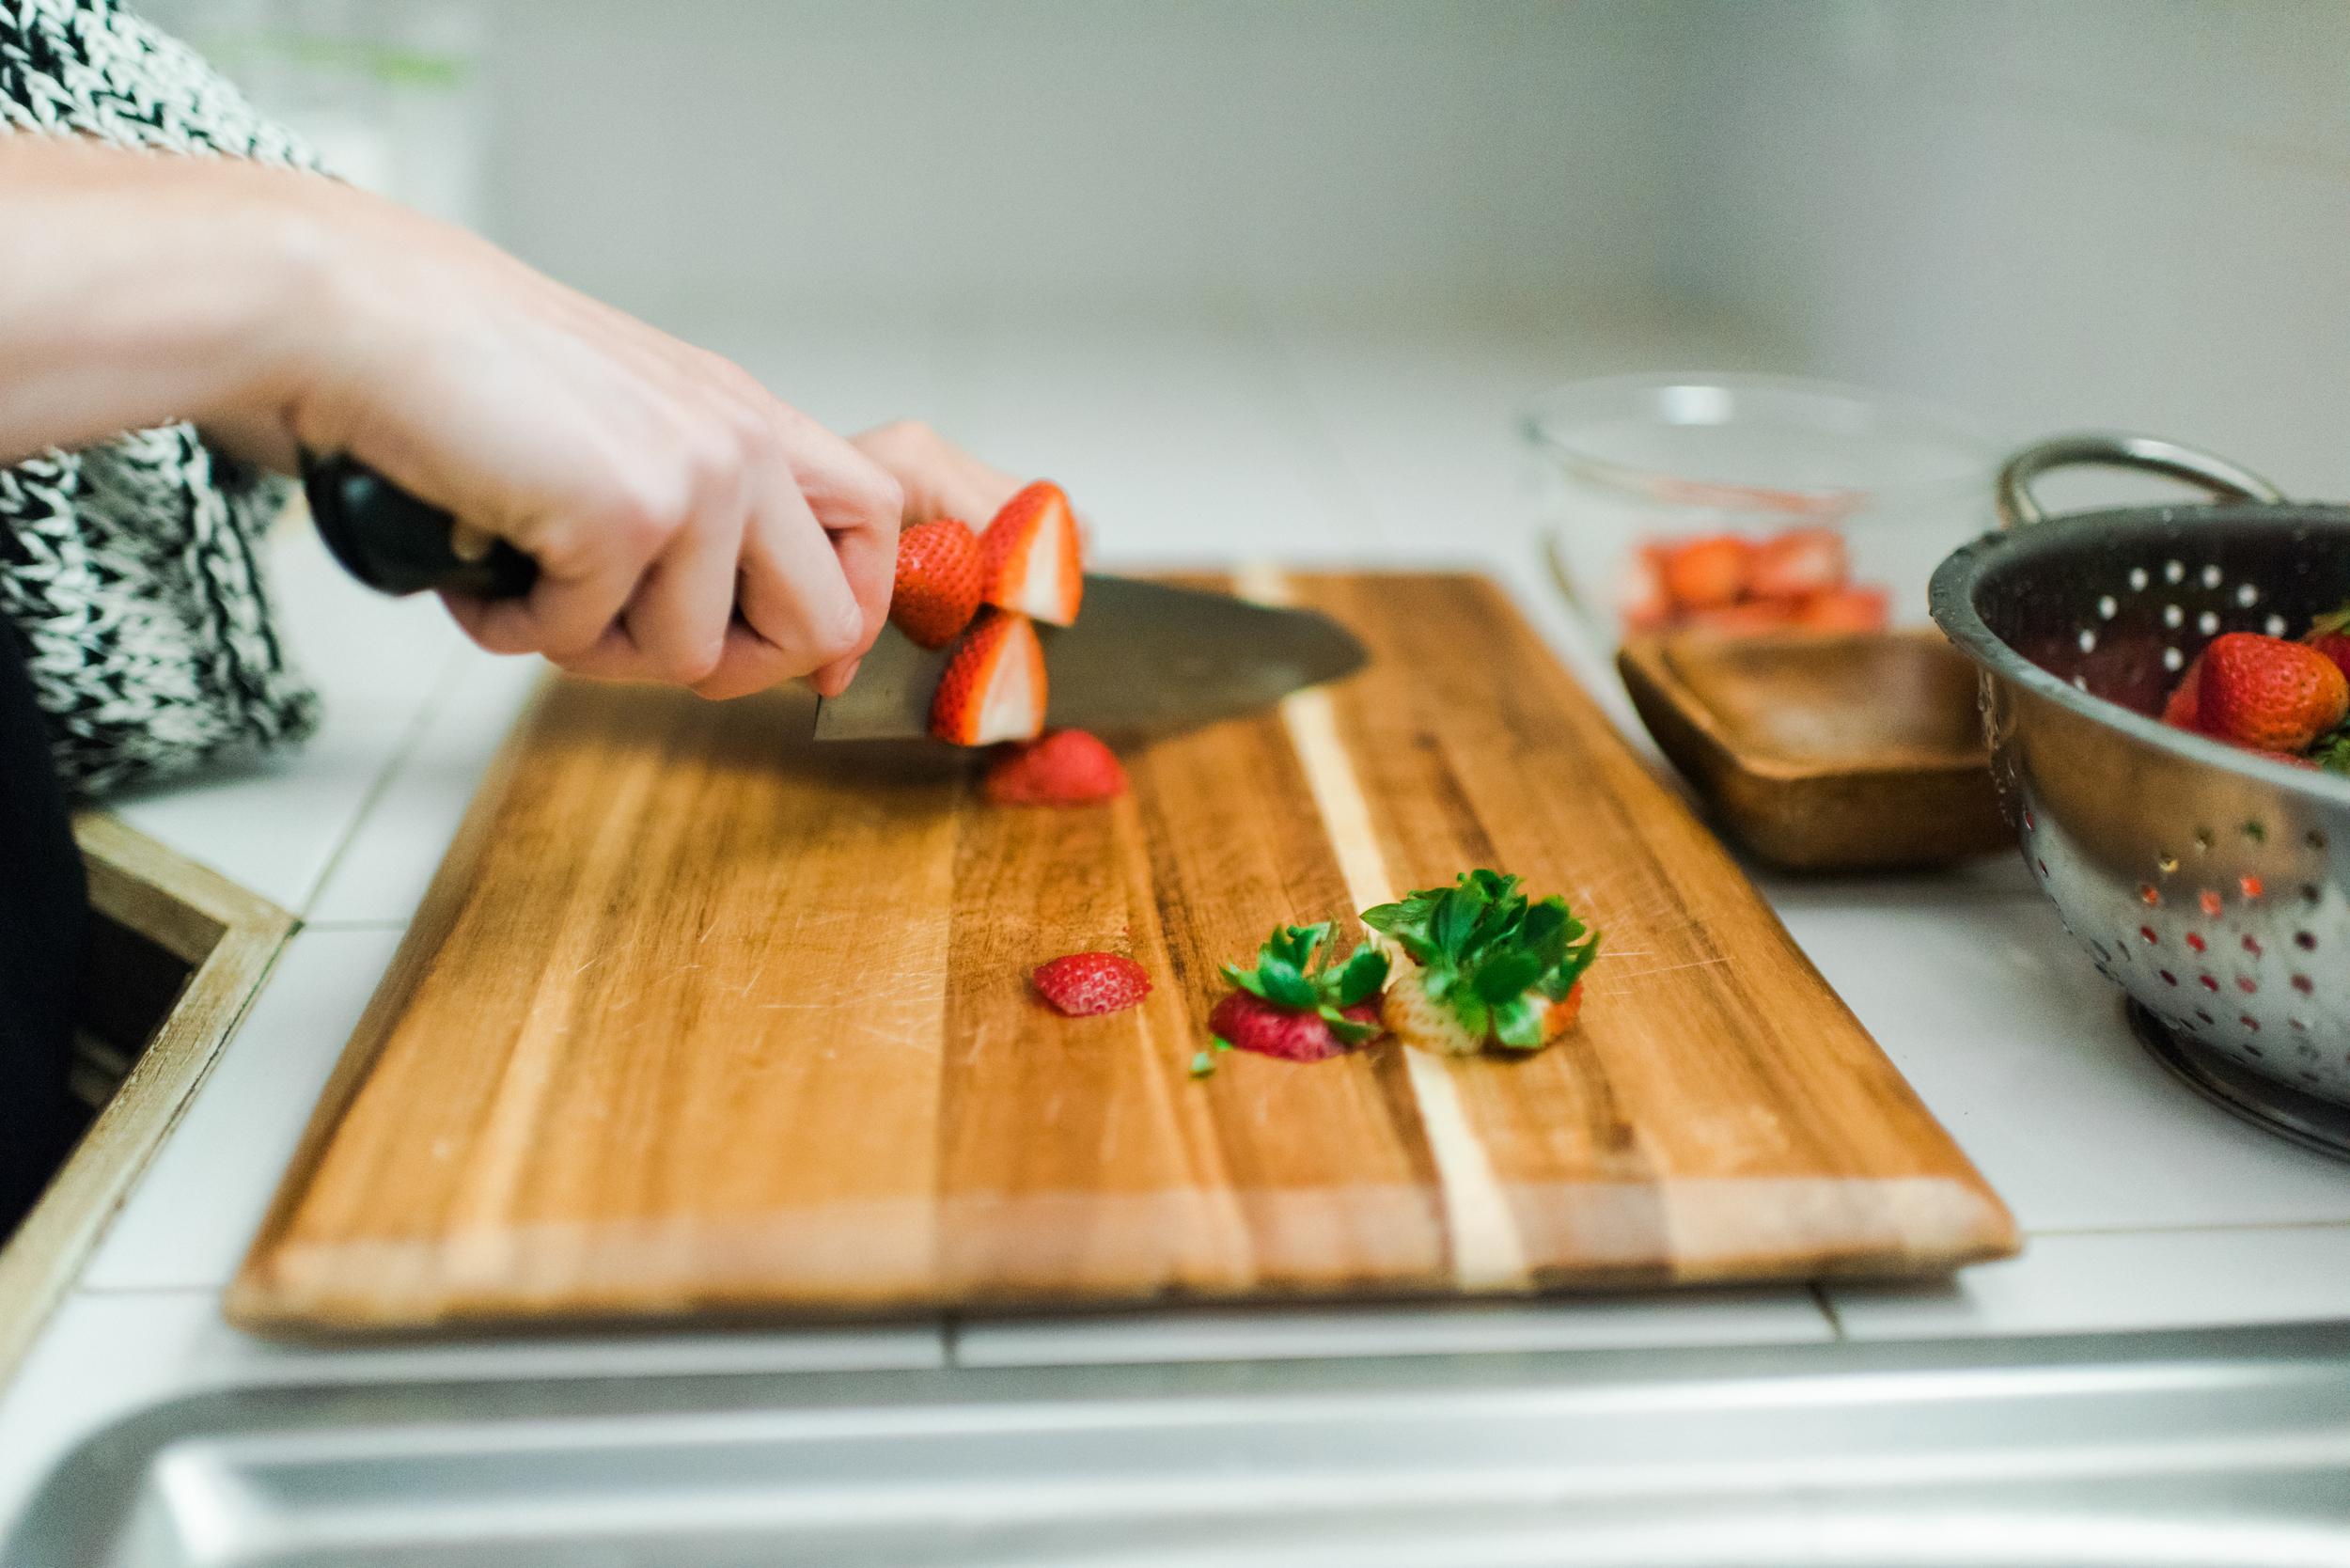 the-best-homemade-crepe-recipe-the-spice-girl-blog (7 of 36).jpg